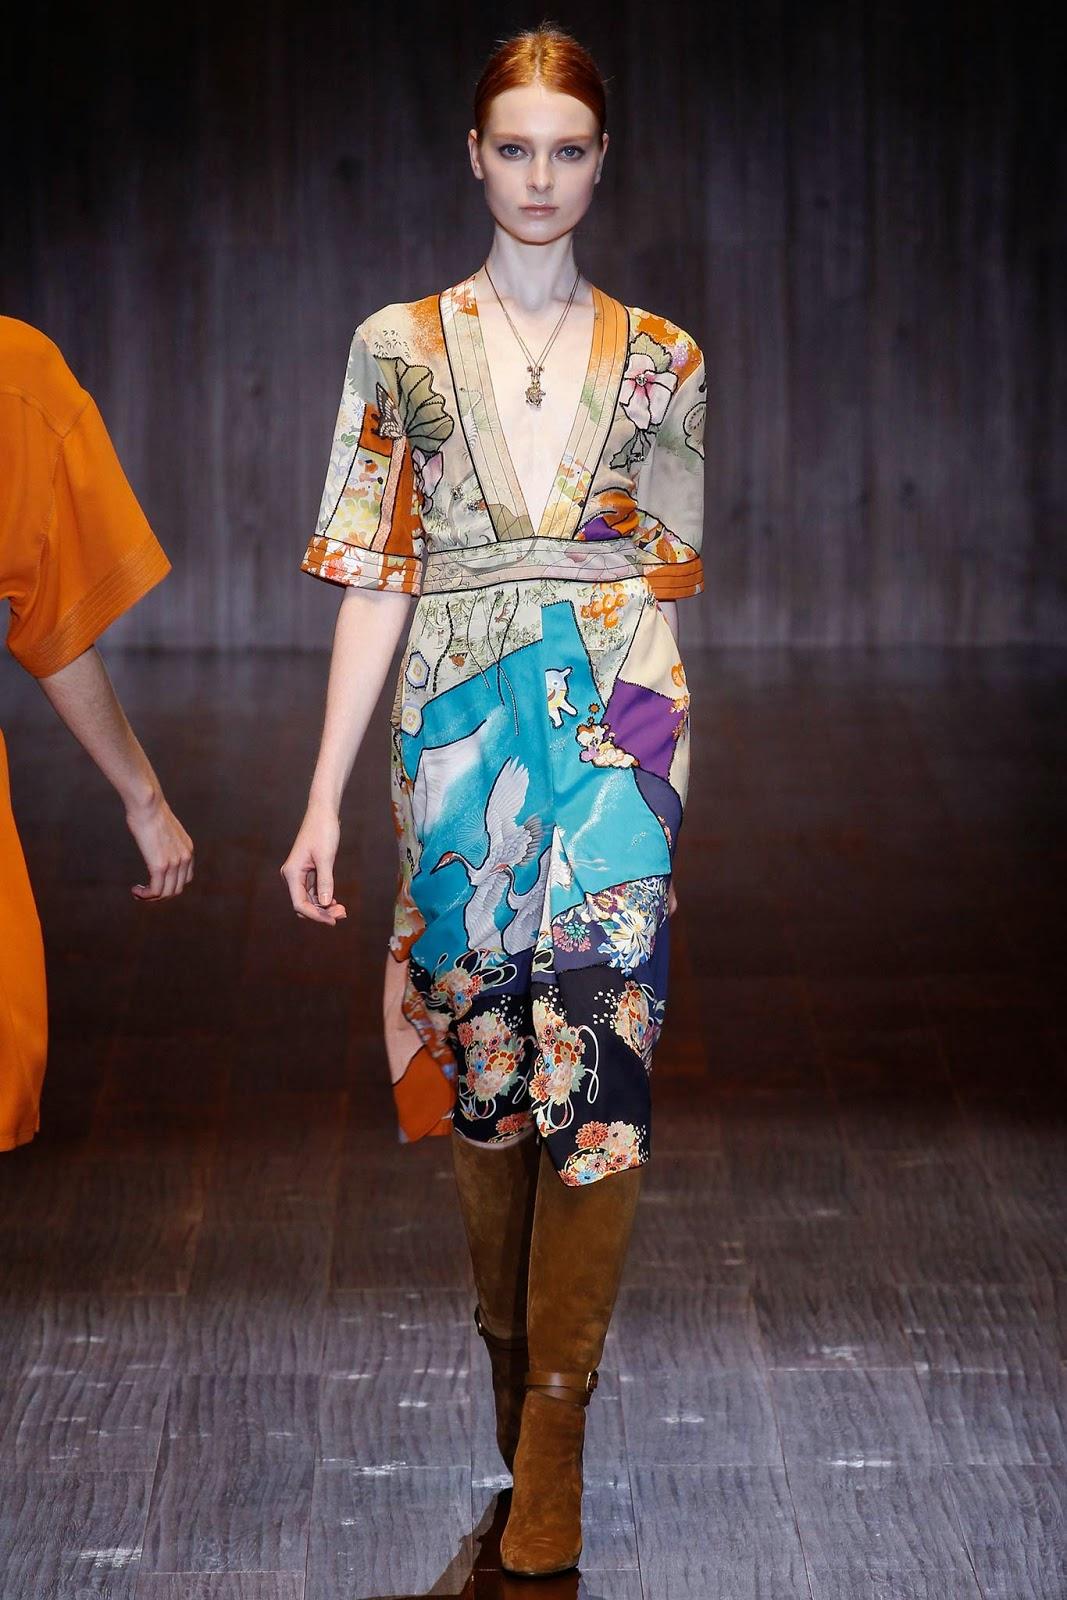 fashionstrendswomen: Gucci 2015 Les modèles de robe printemps été, la création de 205 vêtements ...